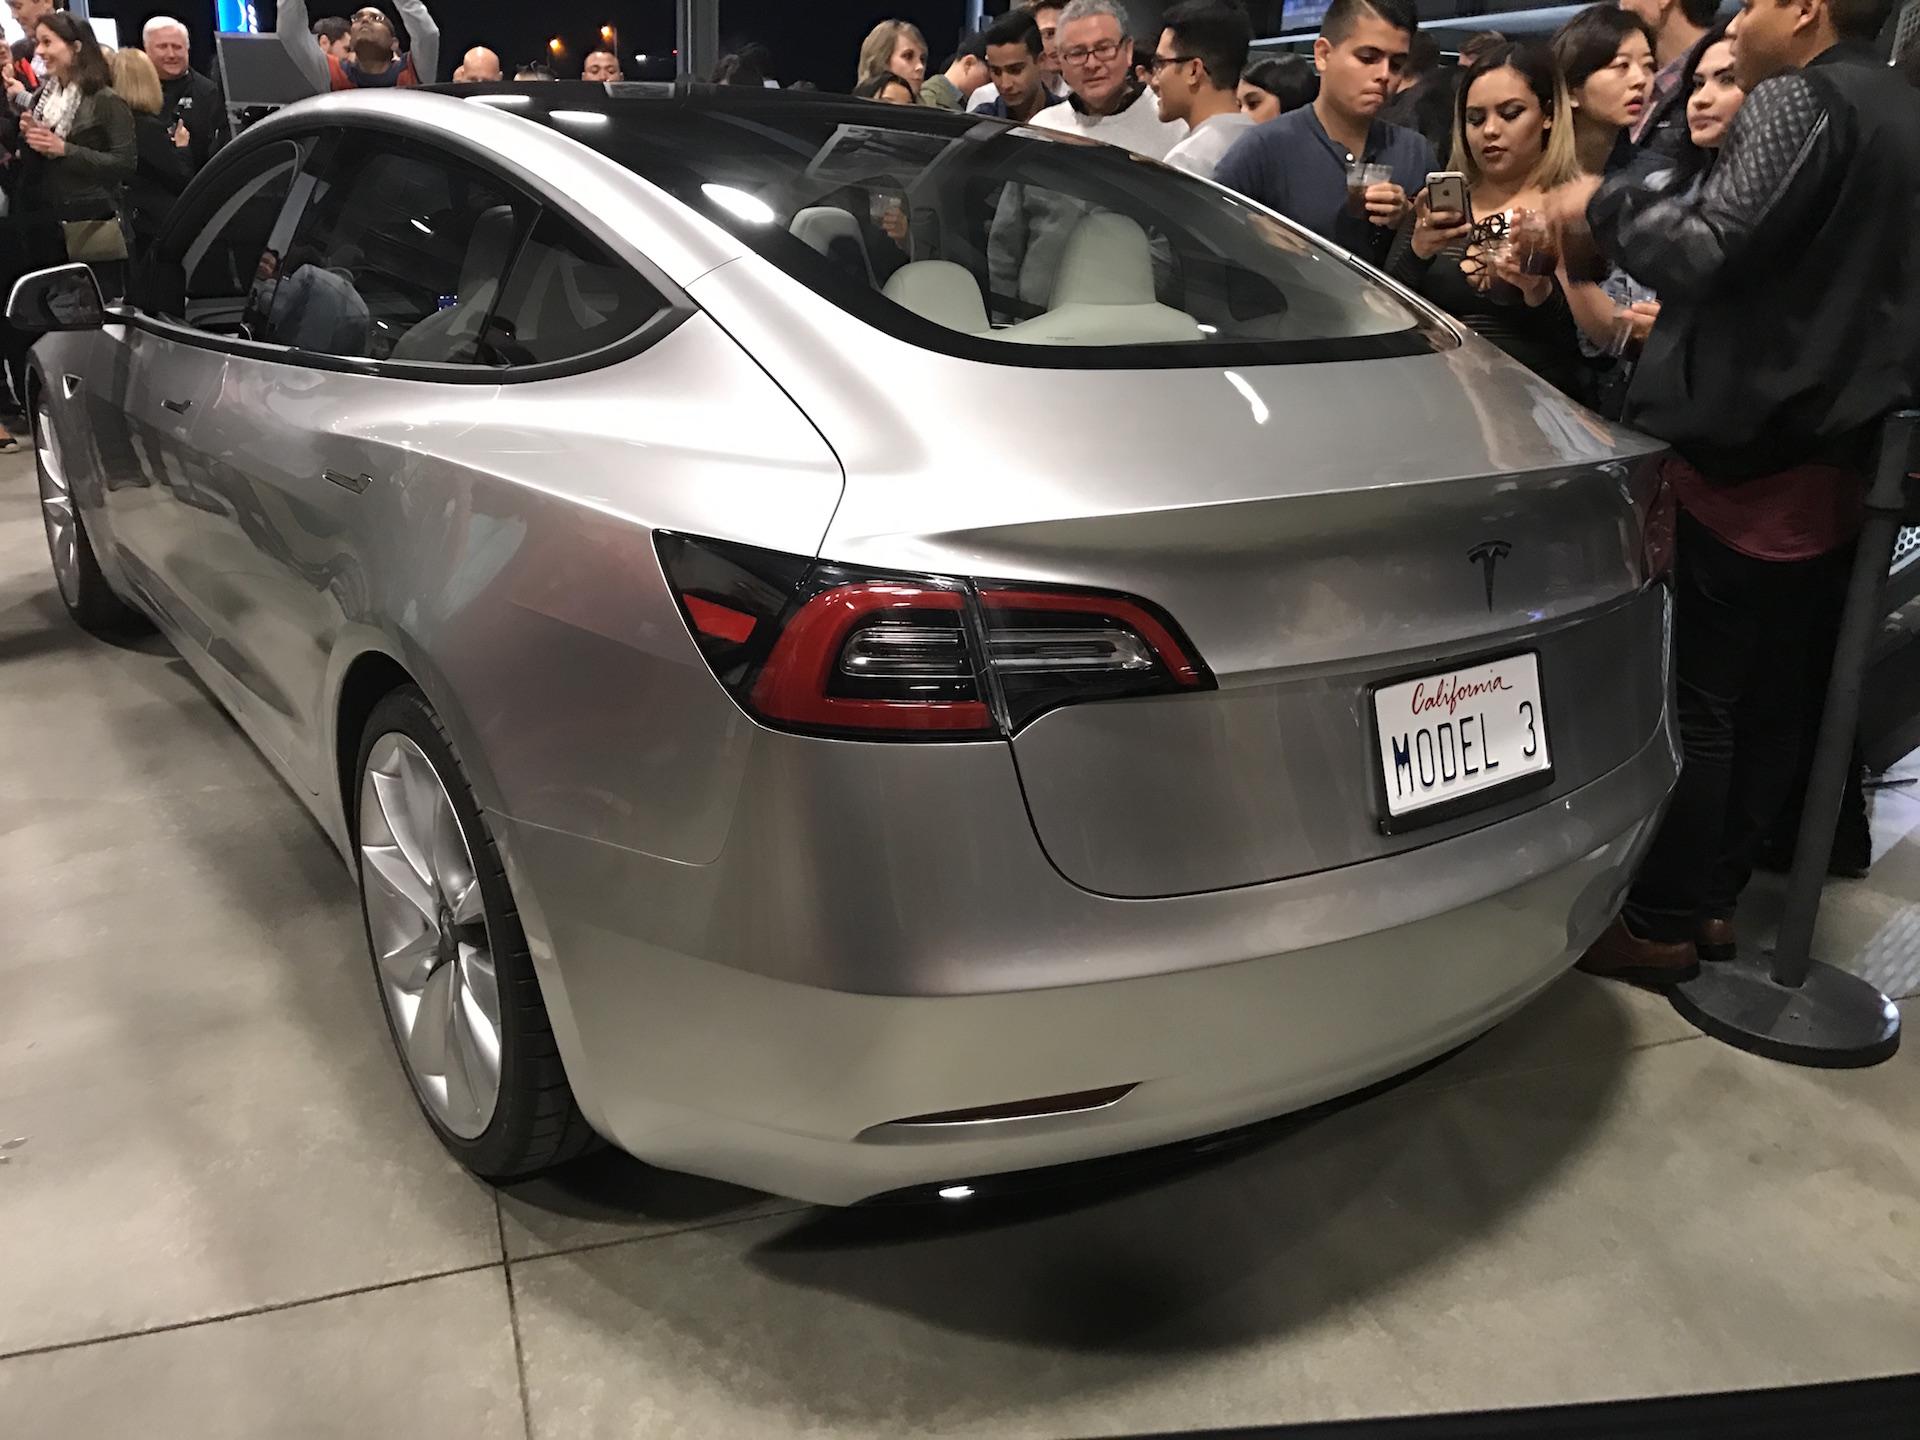 silver-tesla-model-3-trunk-employee-party